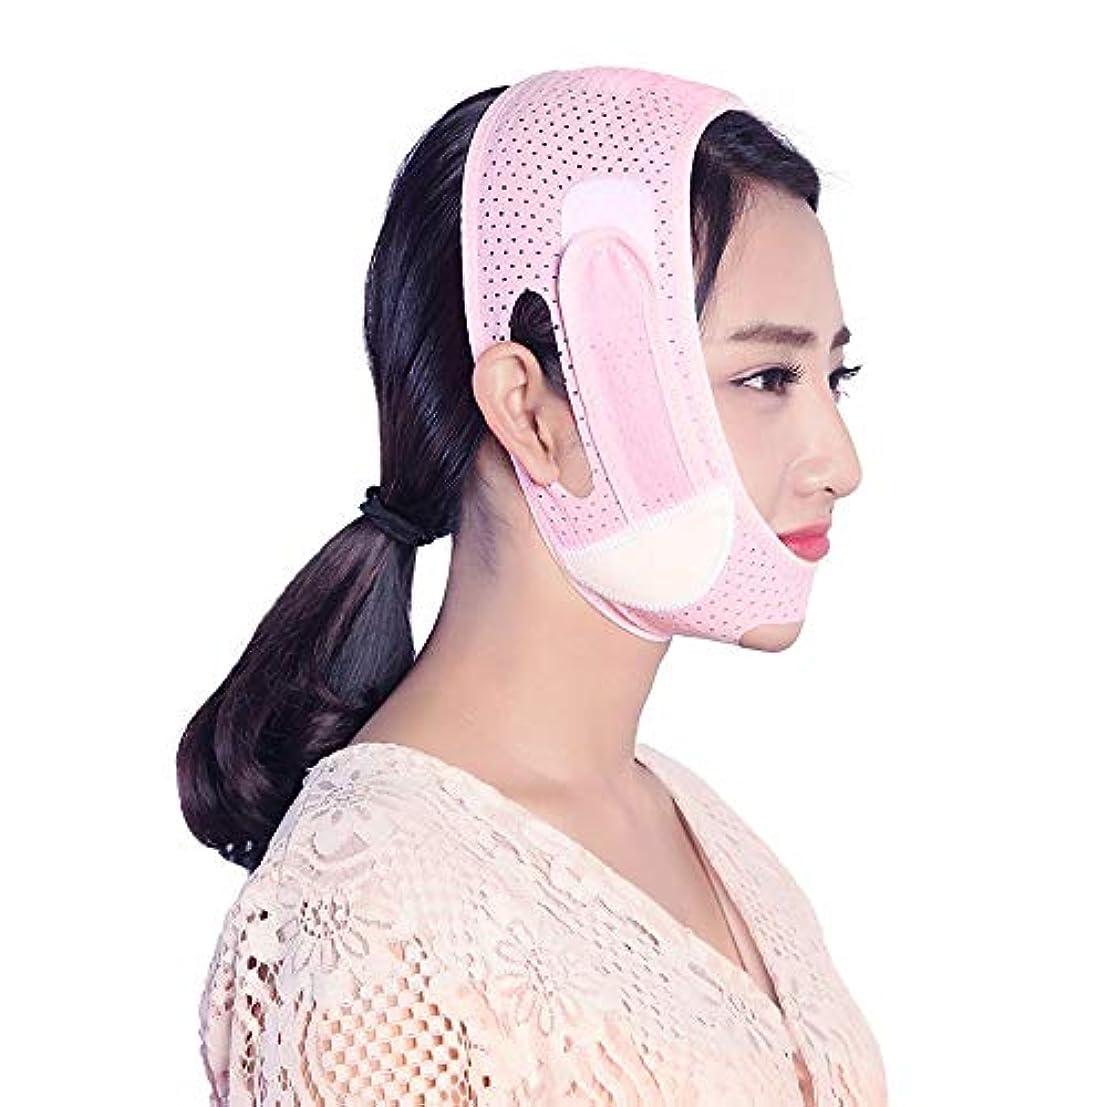 闇電気技師に付けるGYZ 睡眠薄い顔パッチ包帯吊り上げプルv顔引き締めどころアーティファクト判決パターン二重あご薄いマッセルマスク - ピンク Thin Face Belt